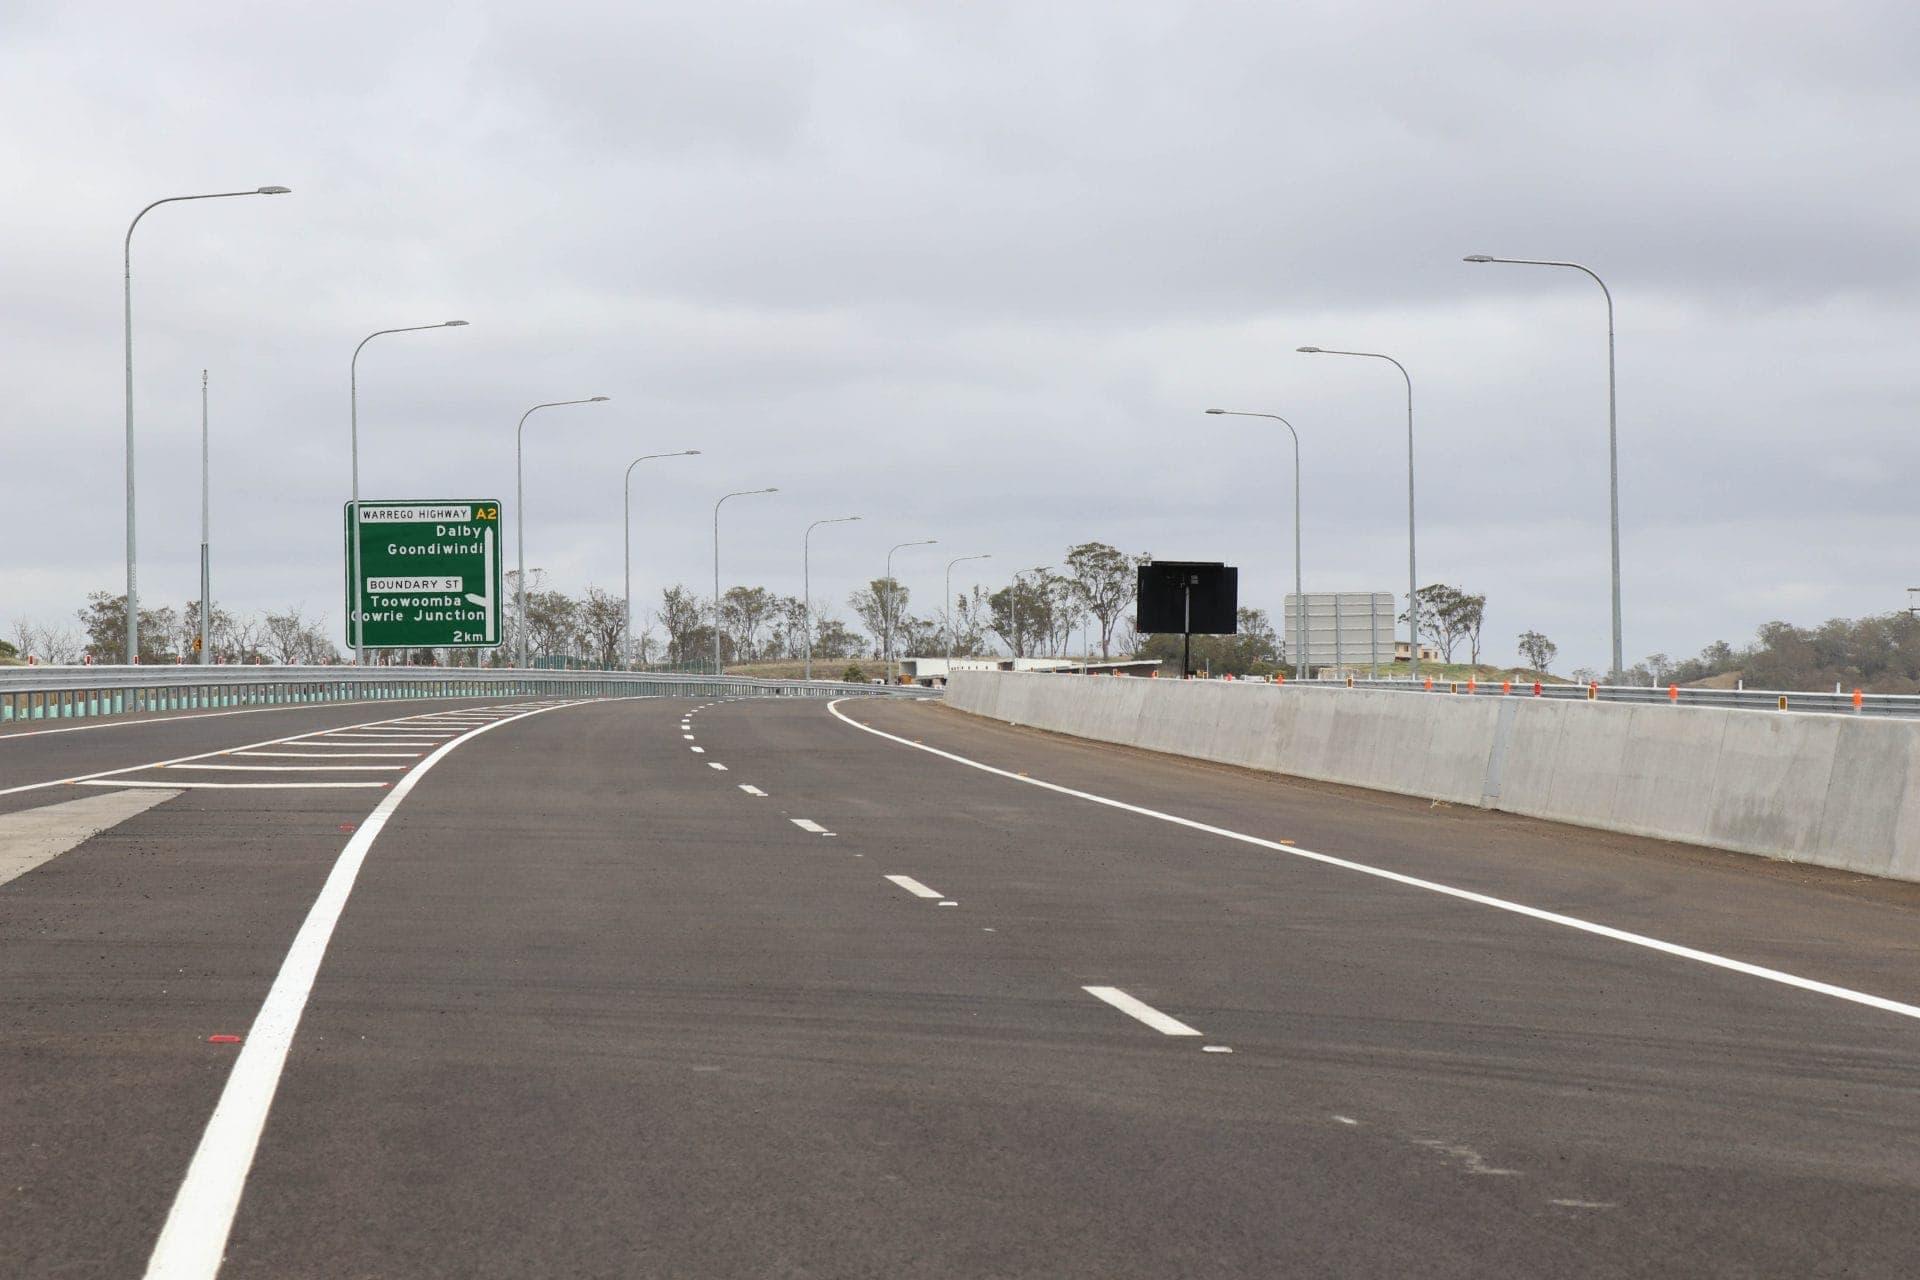 Toowoomba está financiado por los gobiernos de Australia y Queensland